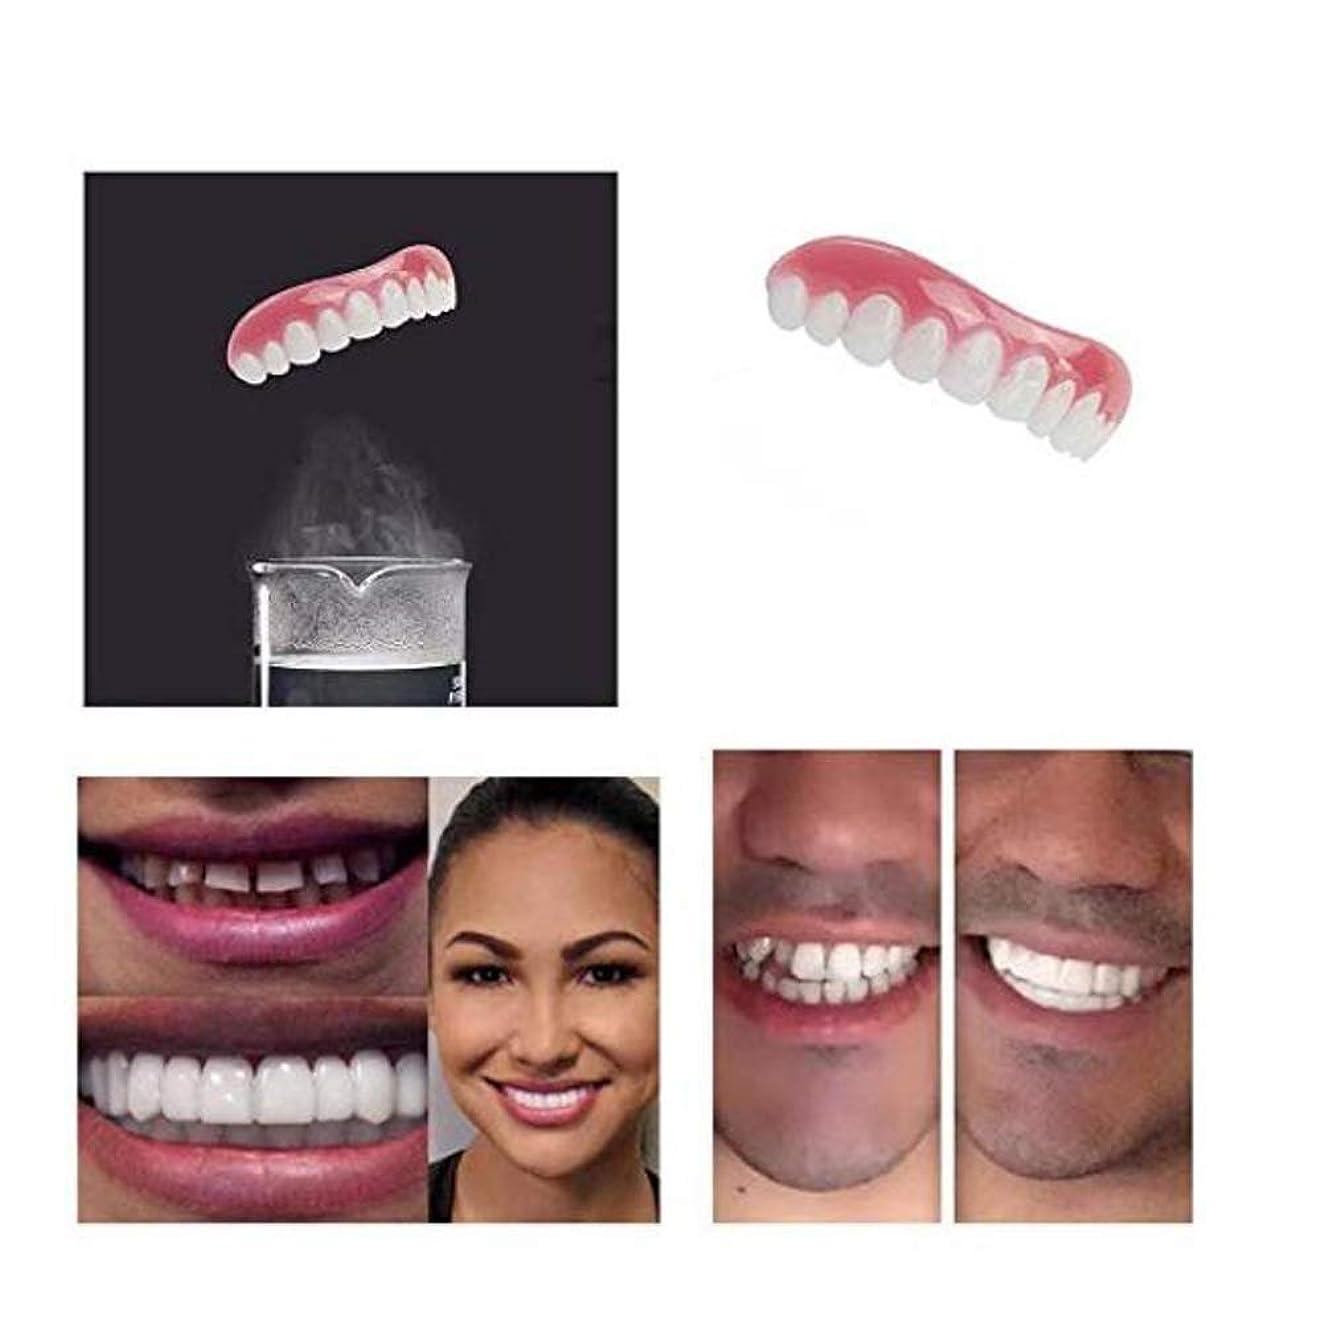 ポイント勧めるコードレス快適なフィットフレックス化粧歯義歯歯のトップ化粧ベニアホワイトニングスマイルデンタル